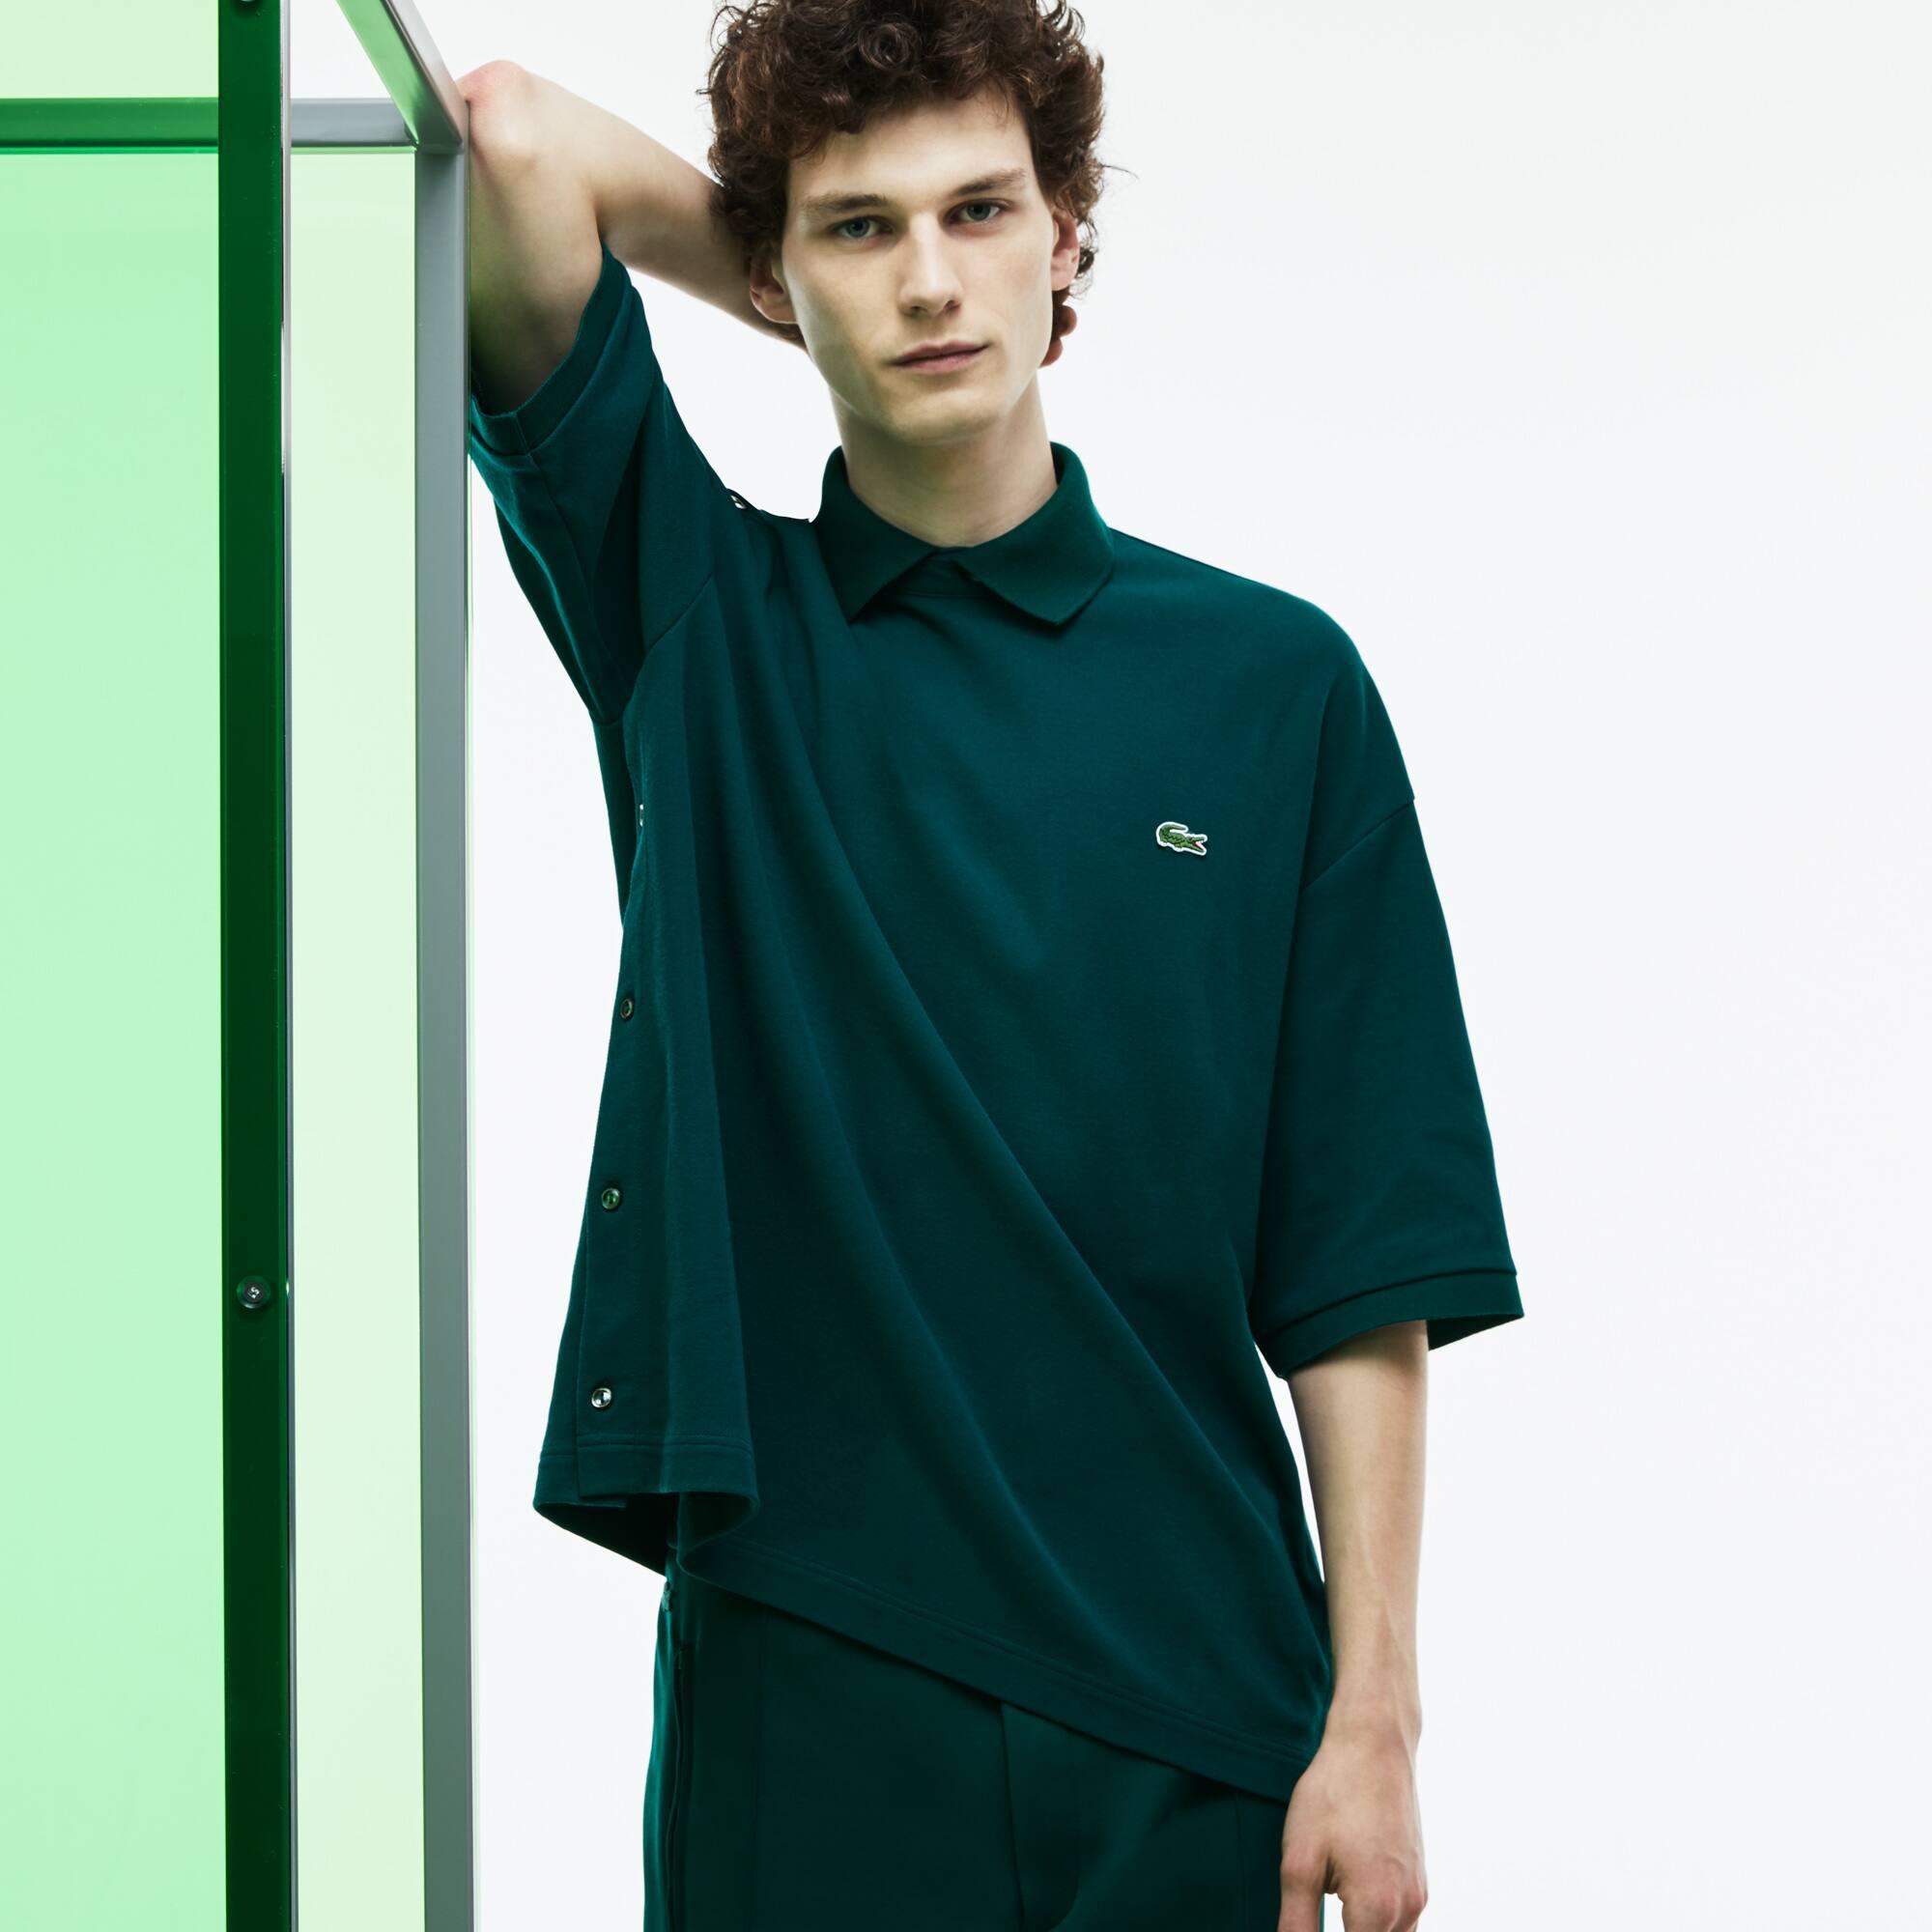 Herren Poloshirt im Loose-Fit aus der Fashion Show Kollektion